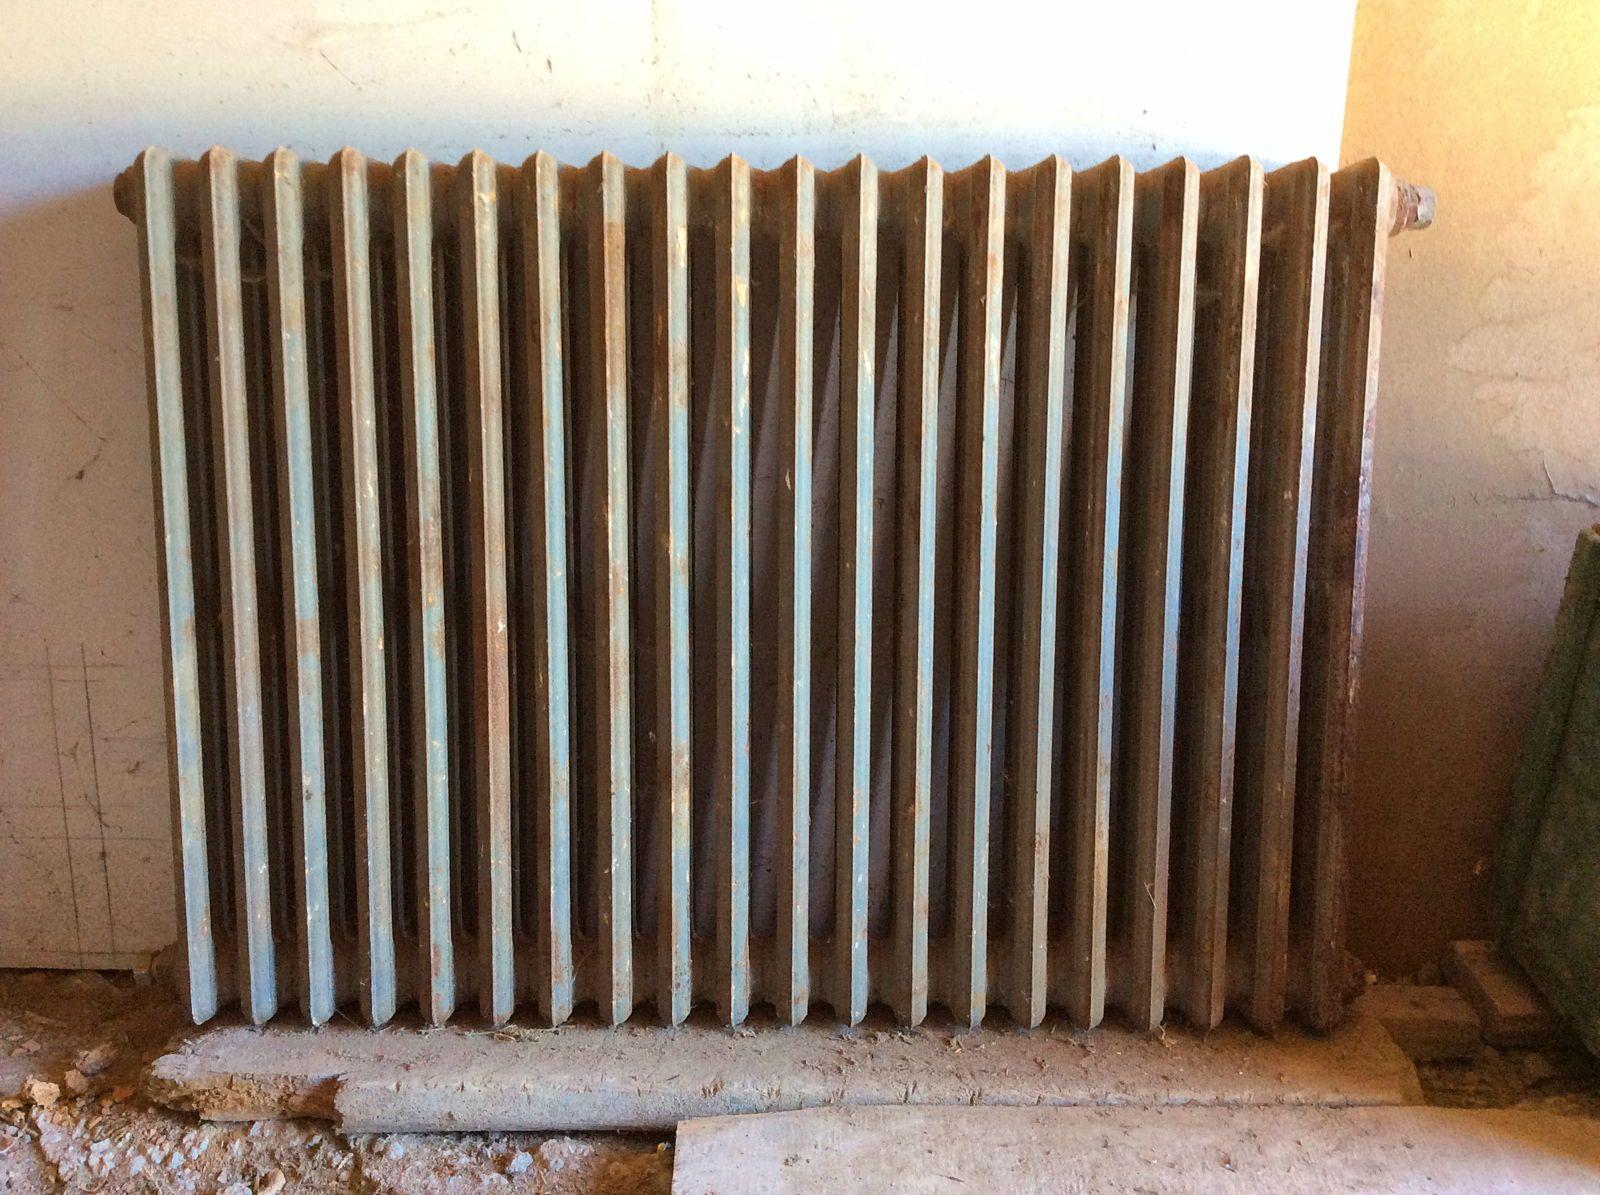 Vends radiateur fonte entièrement décapé